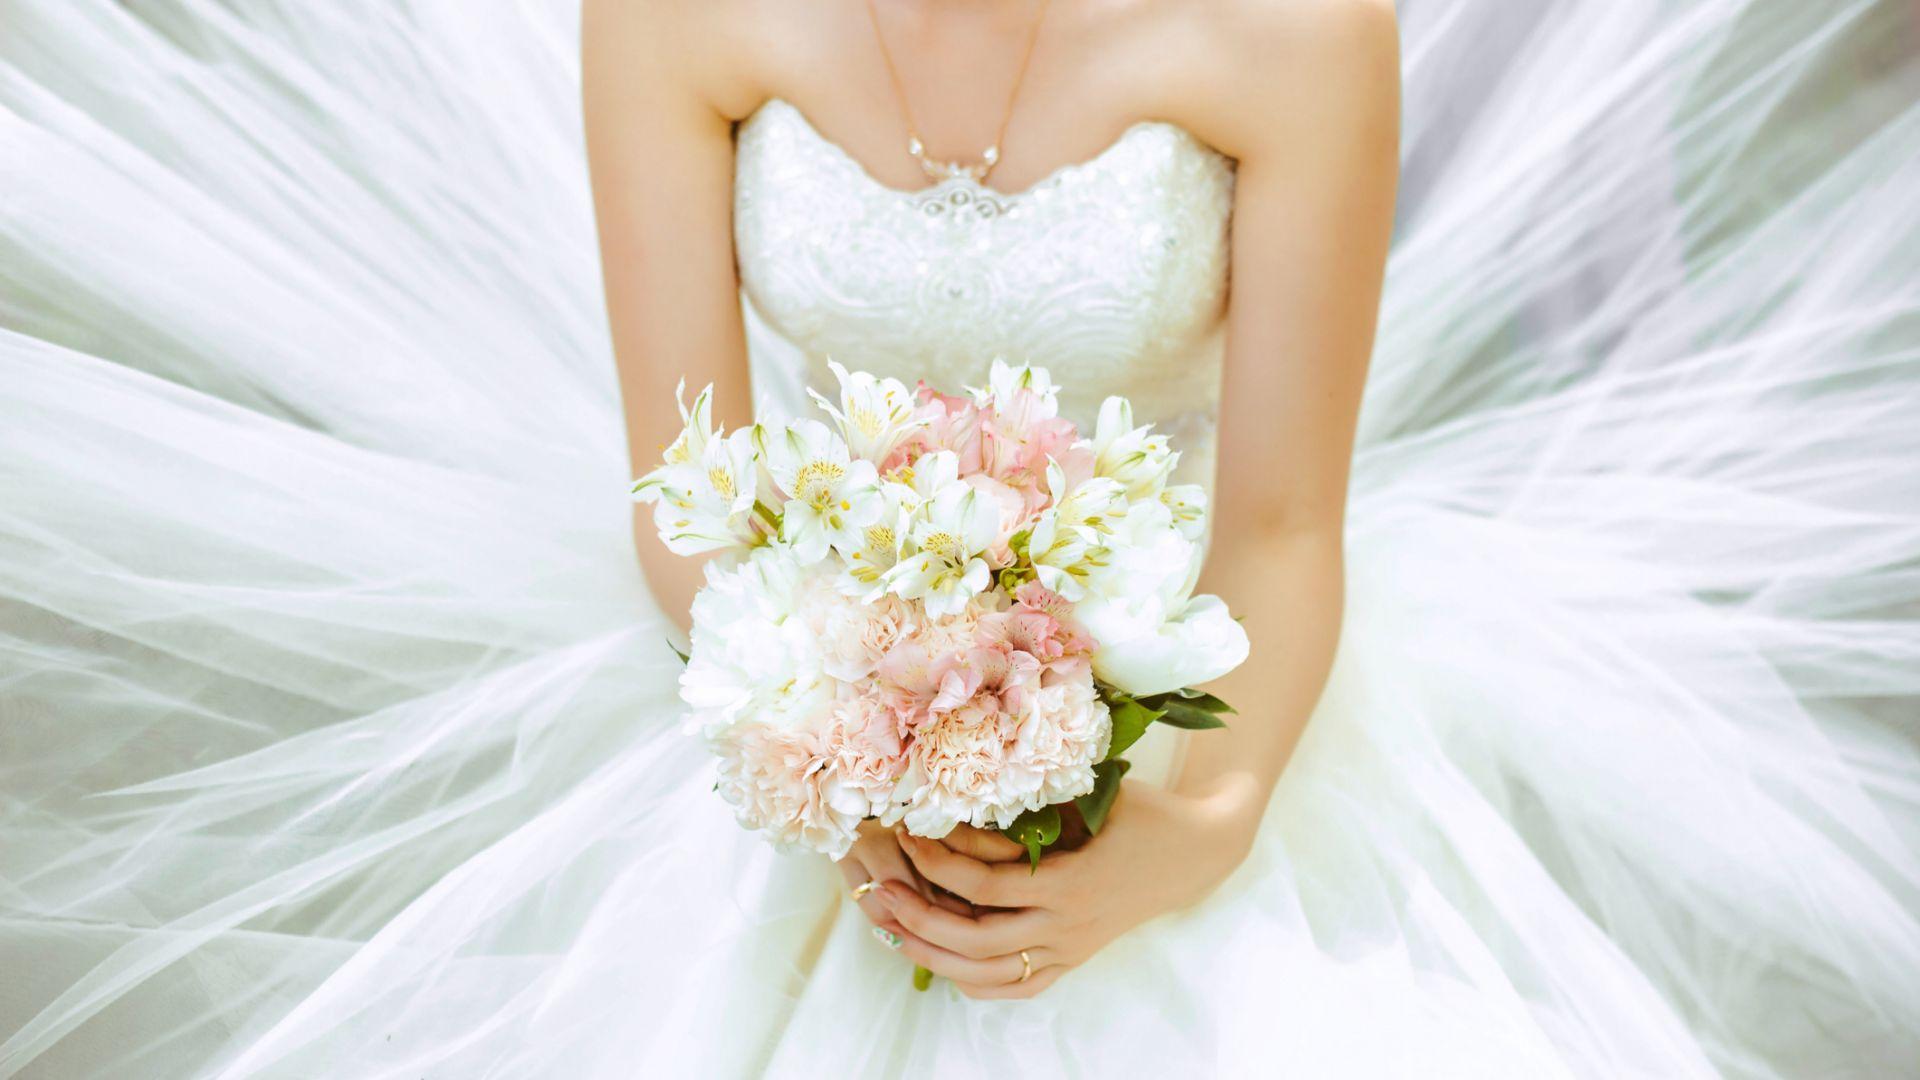 11 г. истинска любов: Жената, омъжила за себе си, все още поддържа щастлива връзка